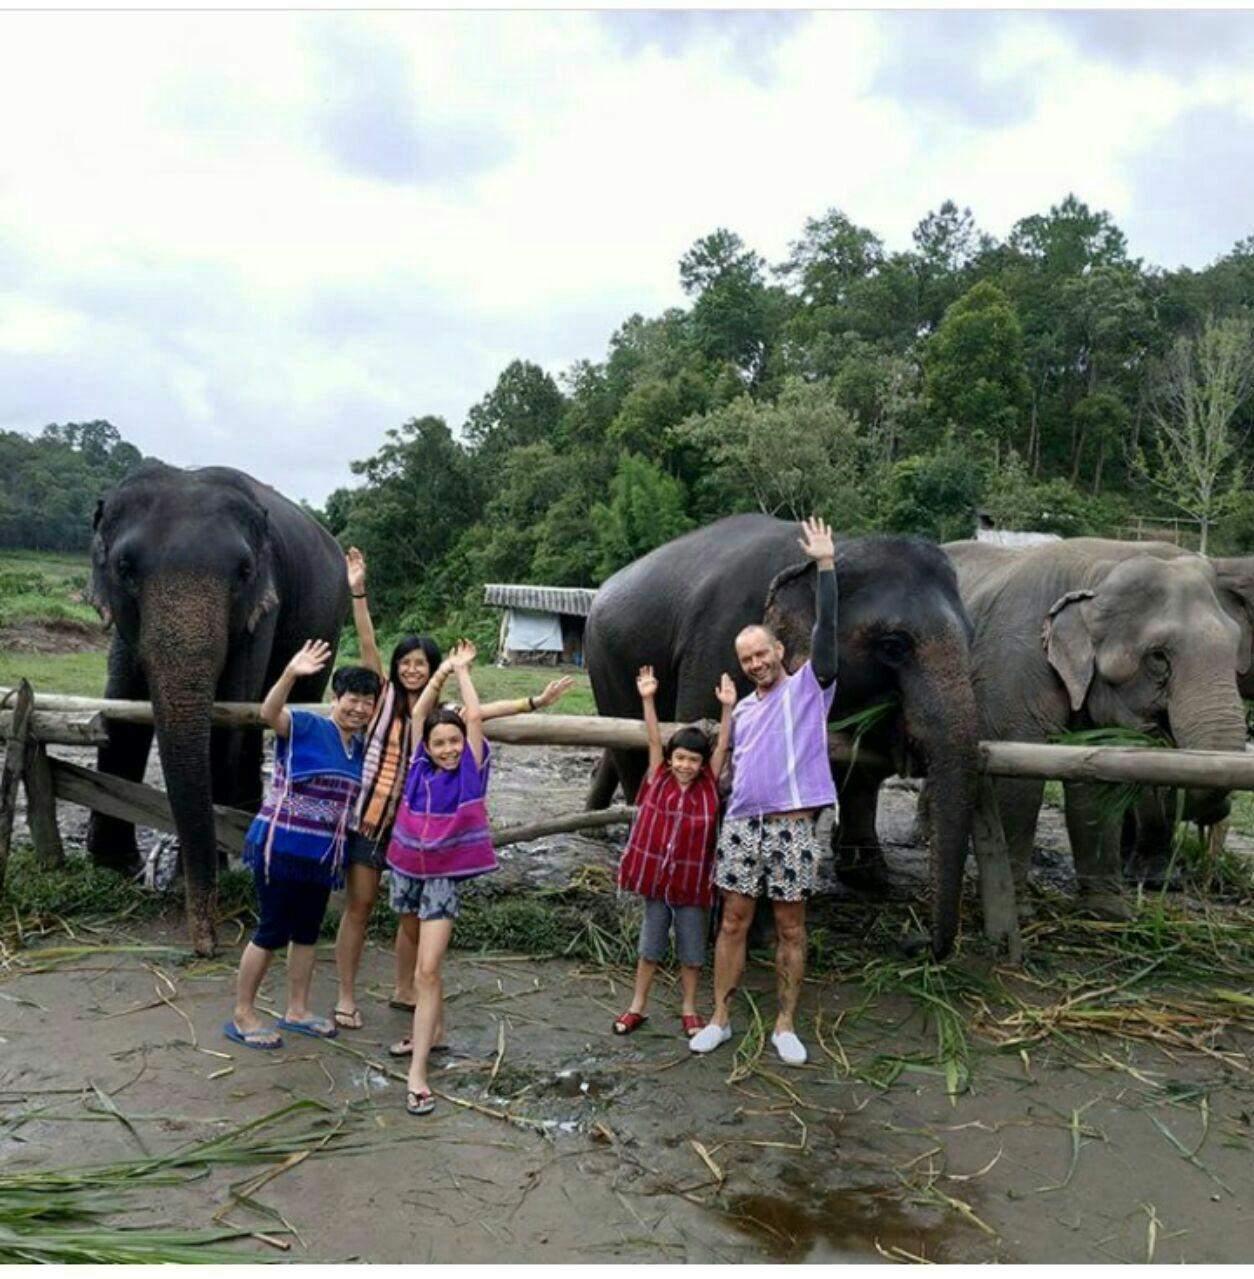 97 12 c33 570 - زندگی مشترک خانواده ای با فیل ها